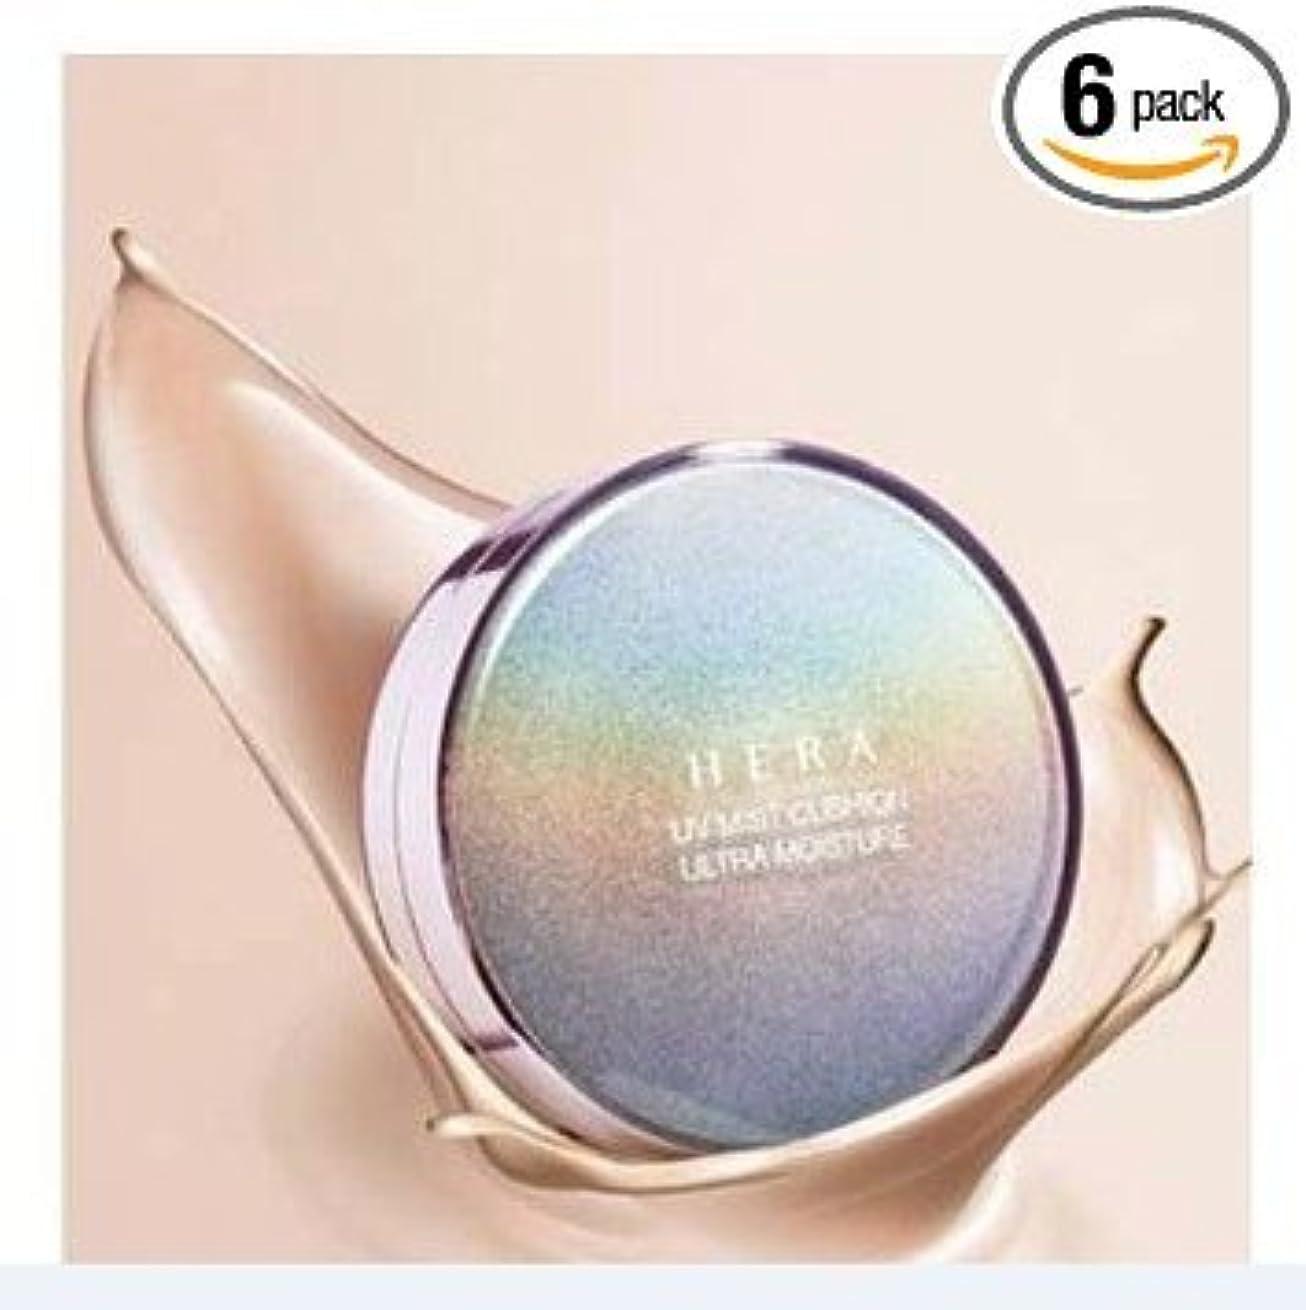 故障中テラス心臓HERA UV MIST CUSHION ULTRA MOISTURE (SPF34/PA++) 21 Cool Vanilla by Amore Pacific [並行輸入品]